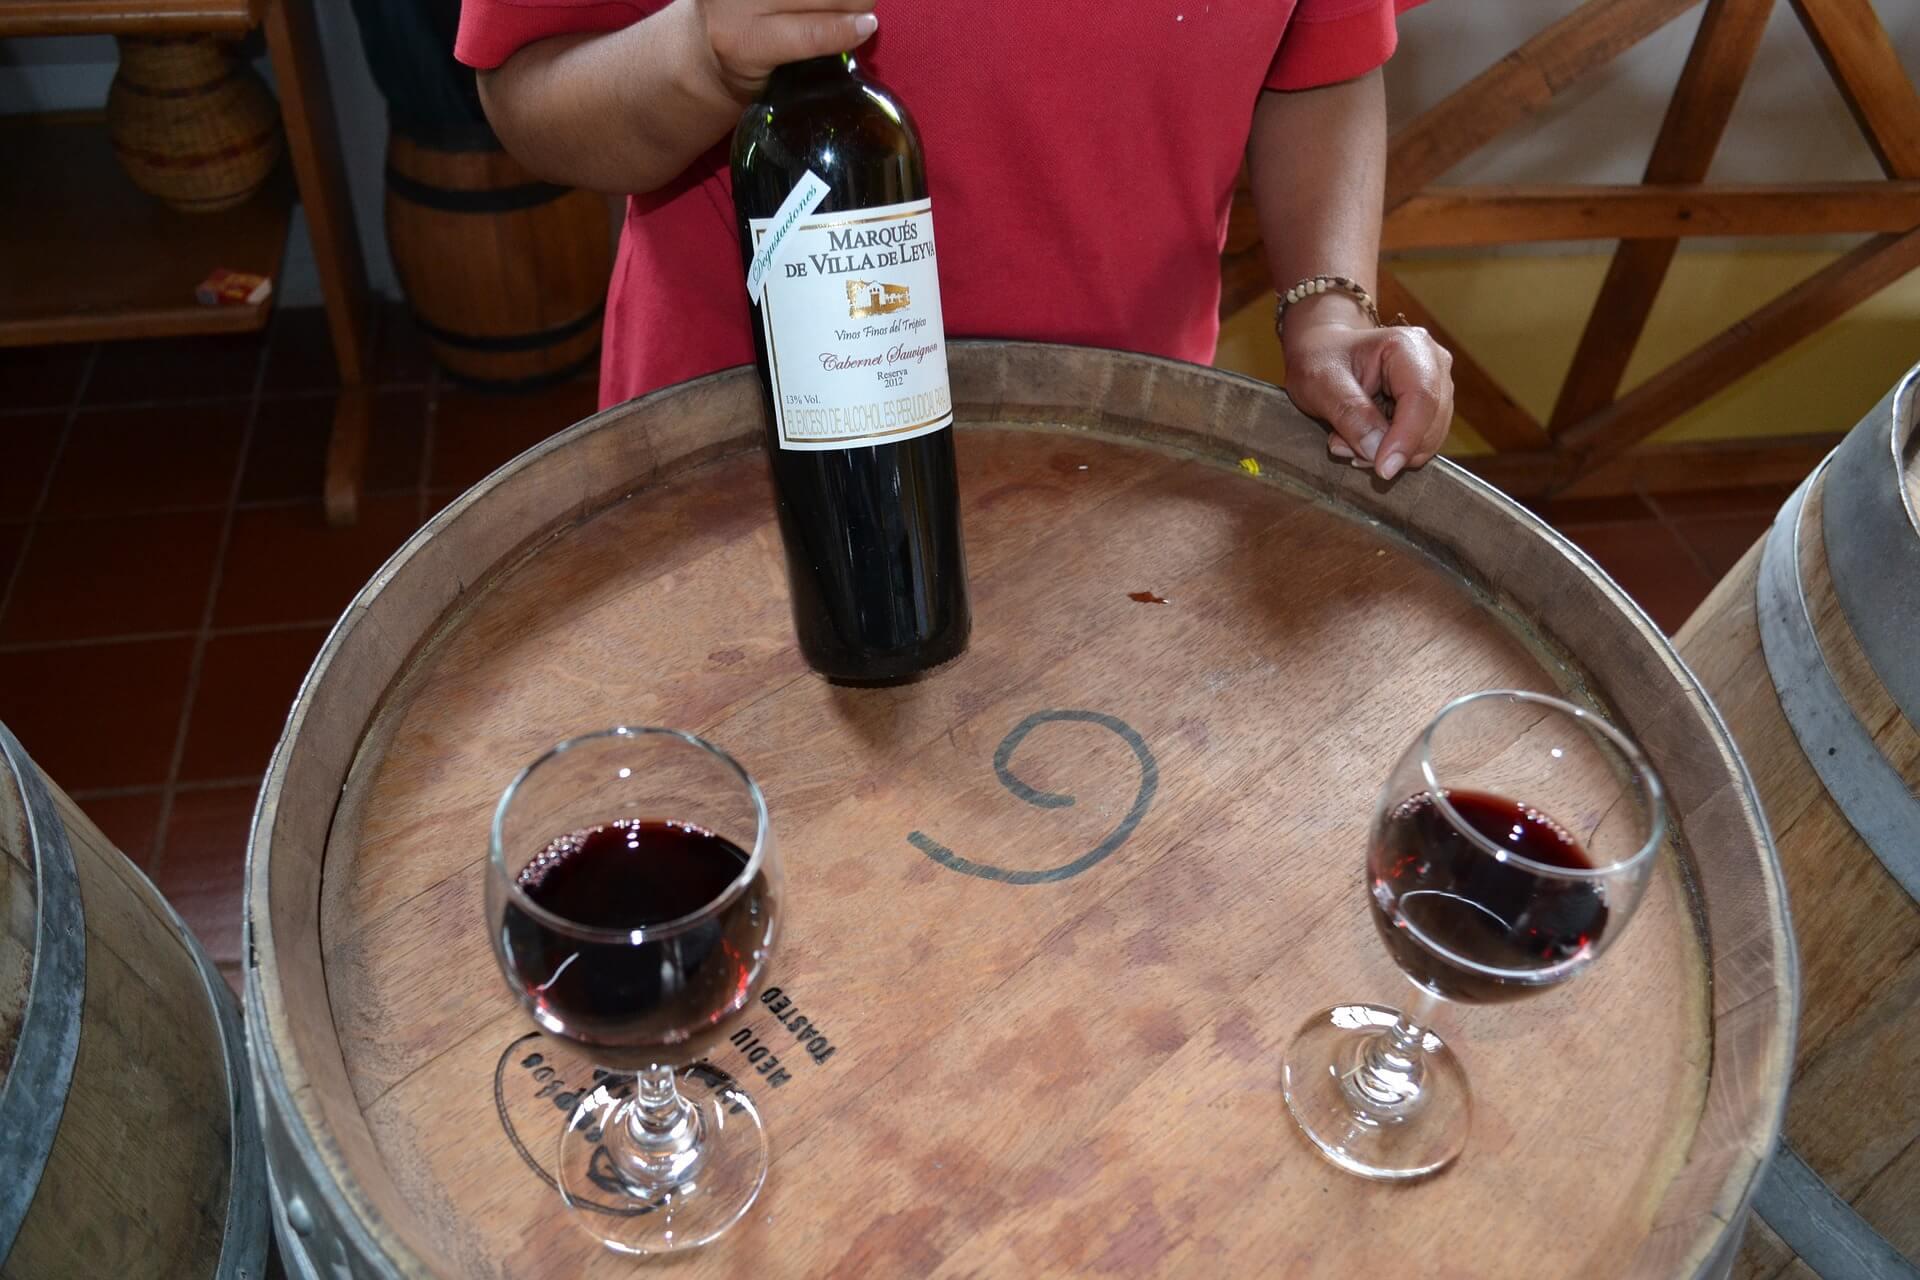 Les tanins du vin, c'est quoi ? Définition et explications